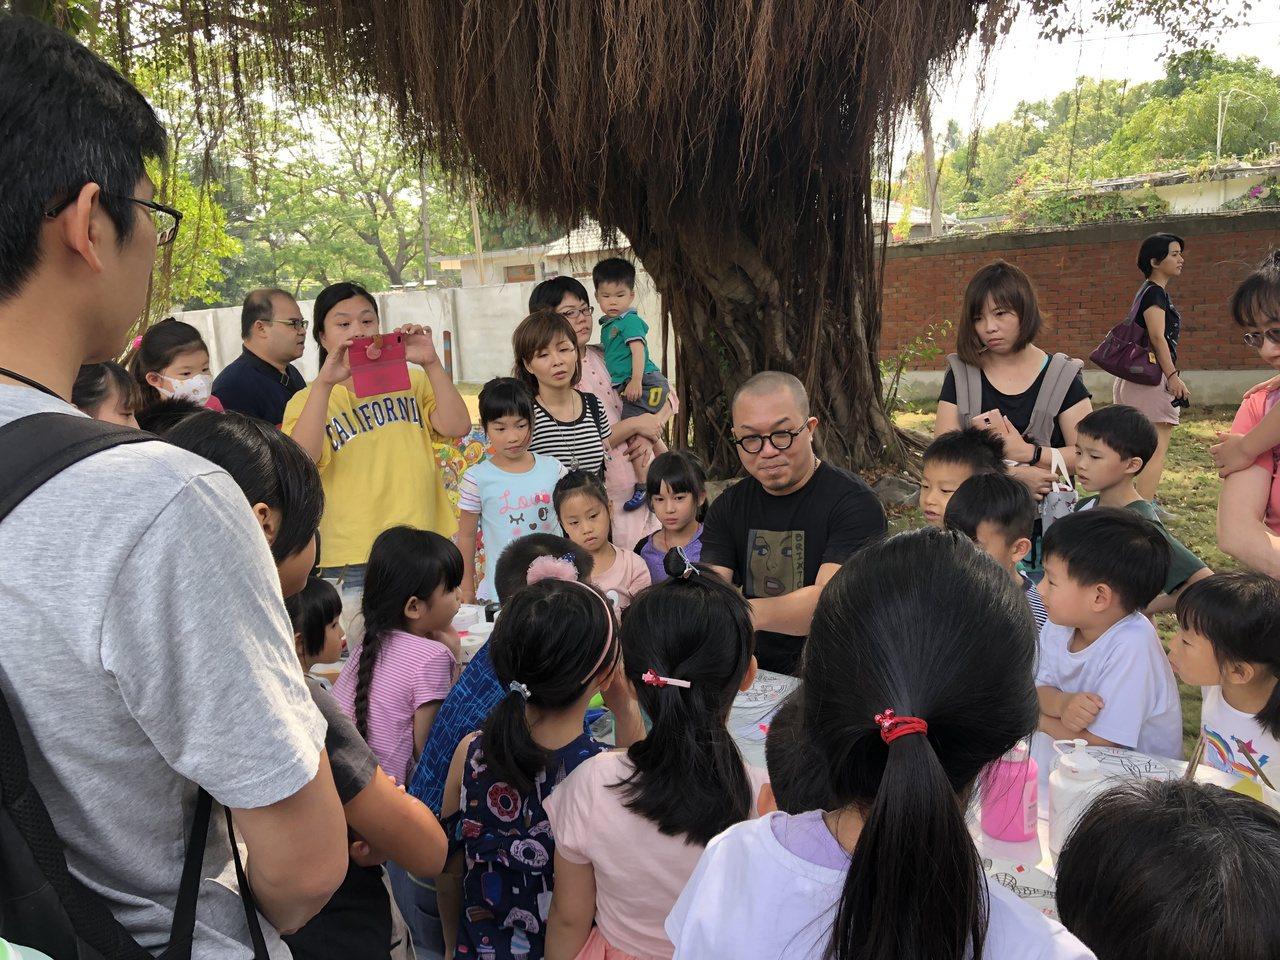 高雄市十月舉辦眷村系列活動,安排「眷村講堂」。圖/高雄市文化局提供